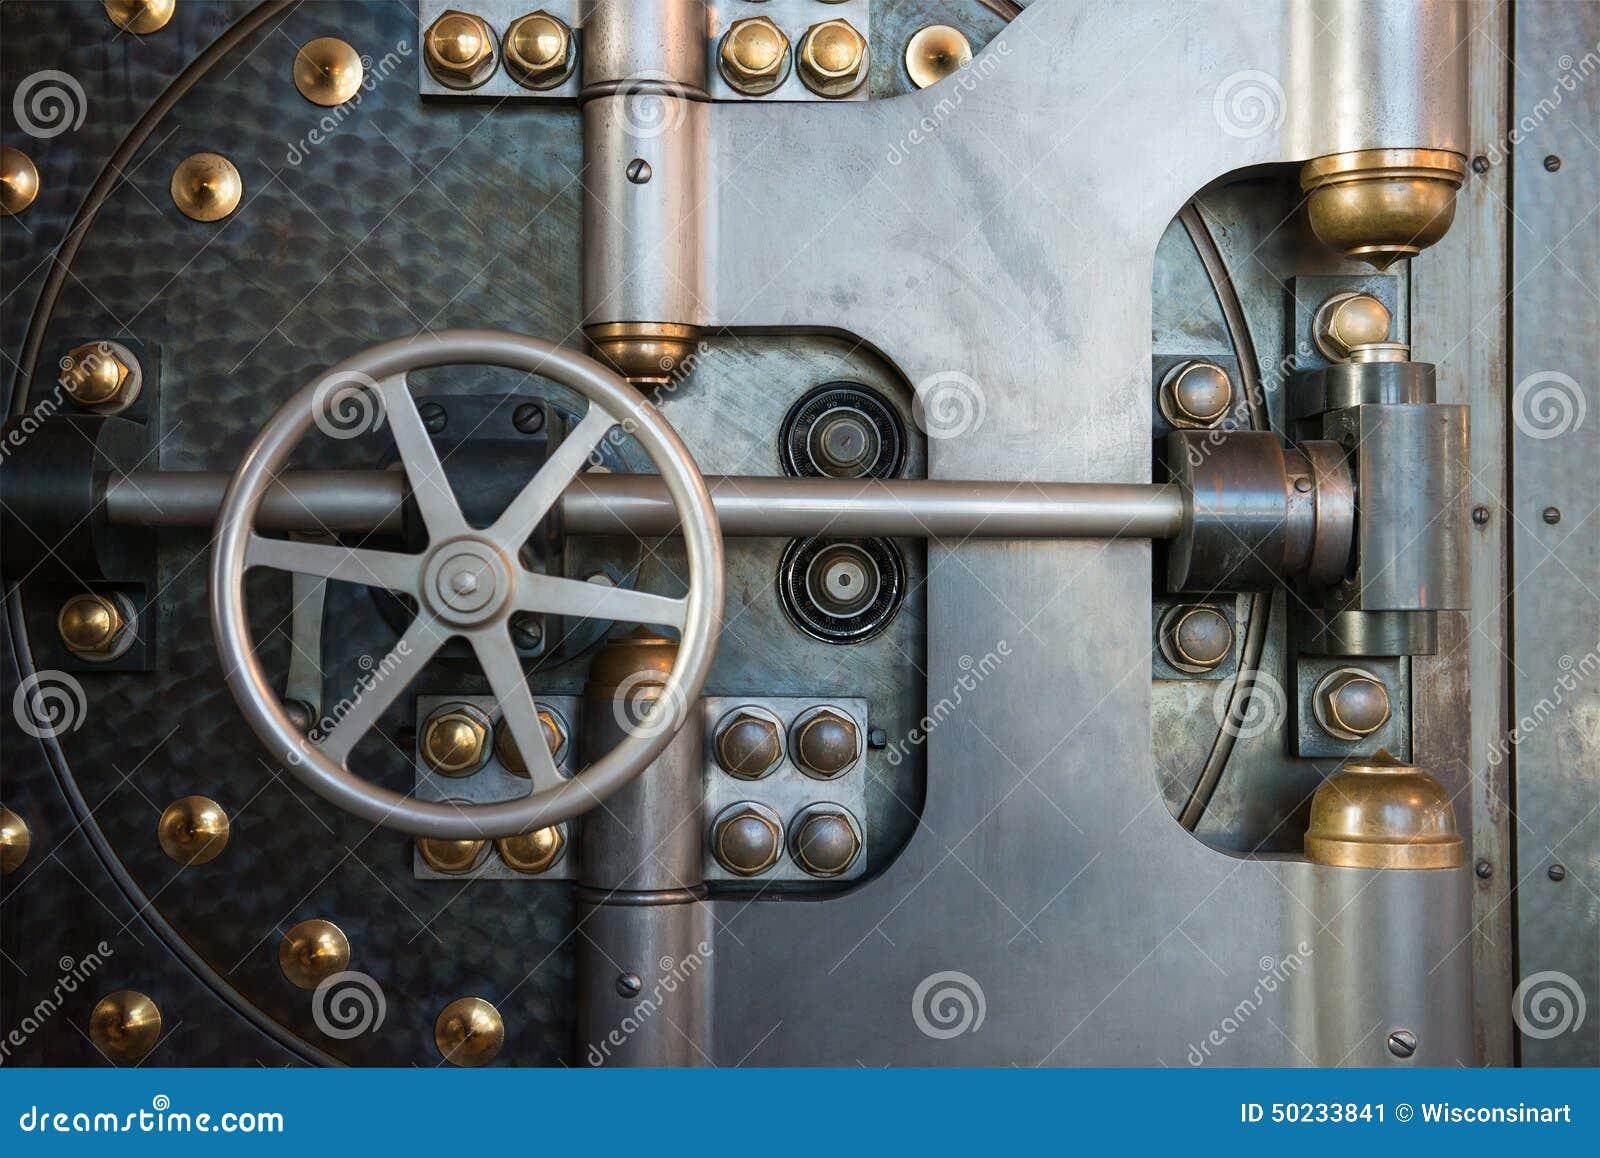 葡萄酒银行地下室门保险柜